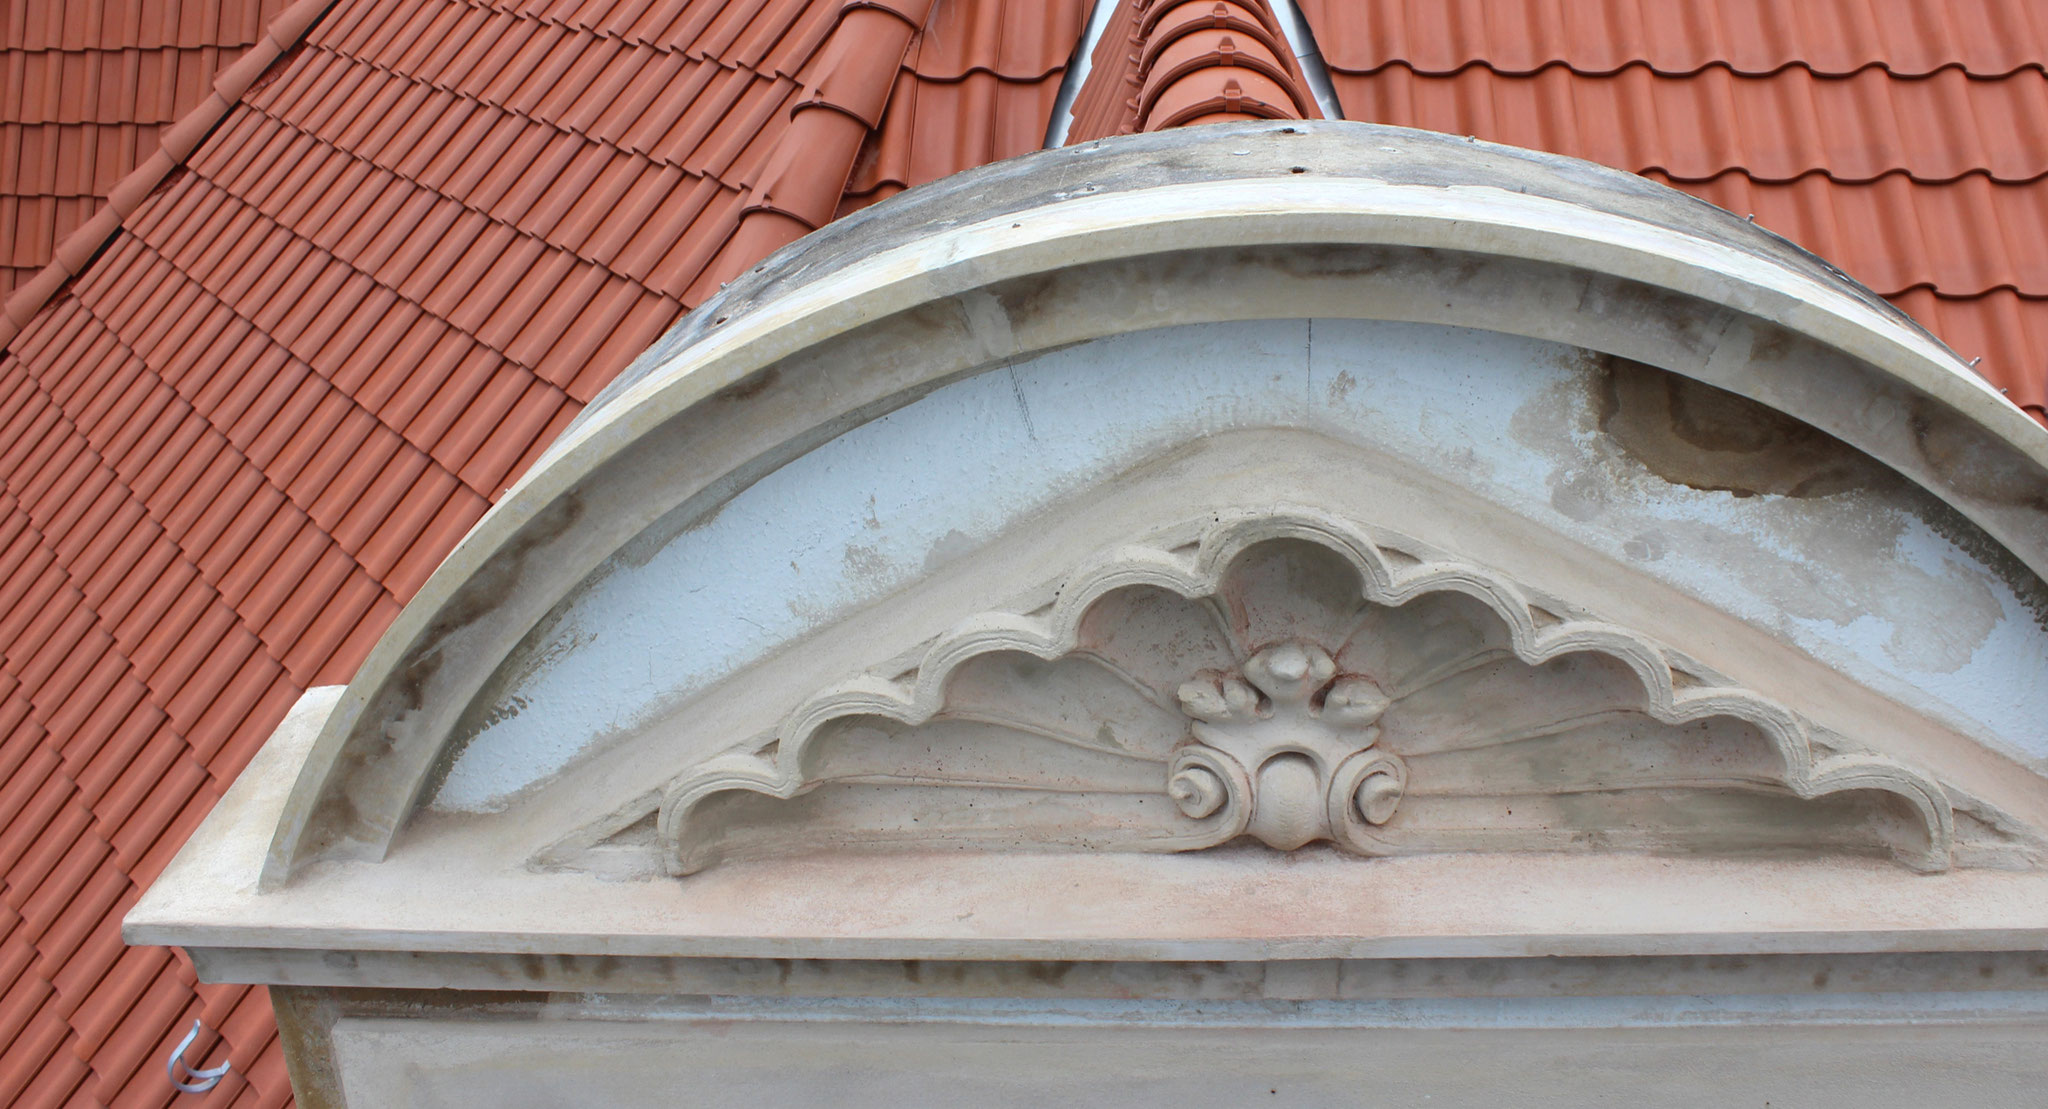 Rekonstruktion des Zwerchgiebels mit Stuckprofilen und Muschelwerk in Romanzementmörtel